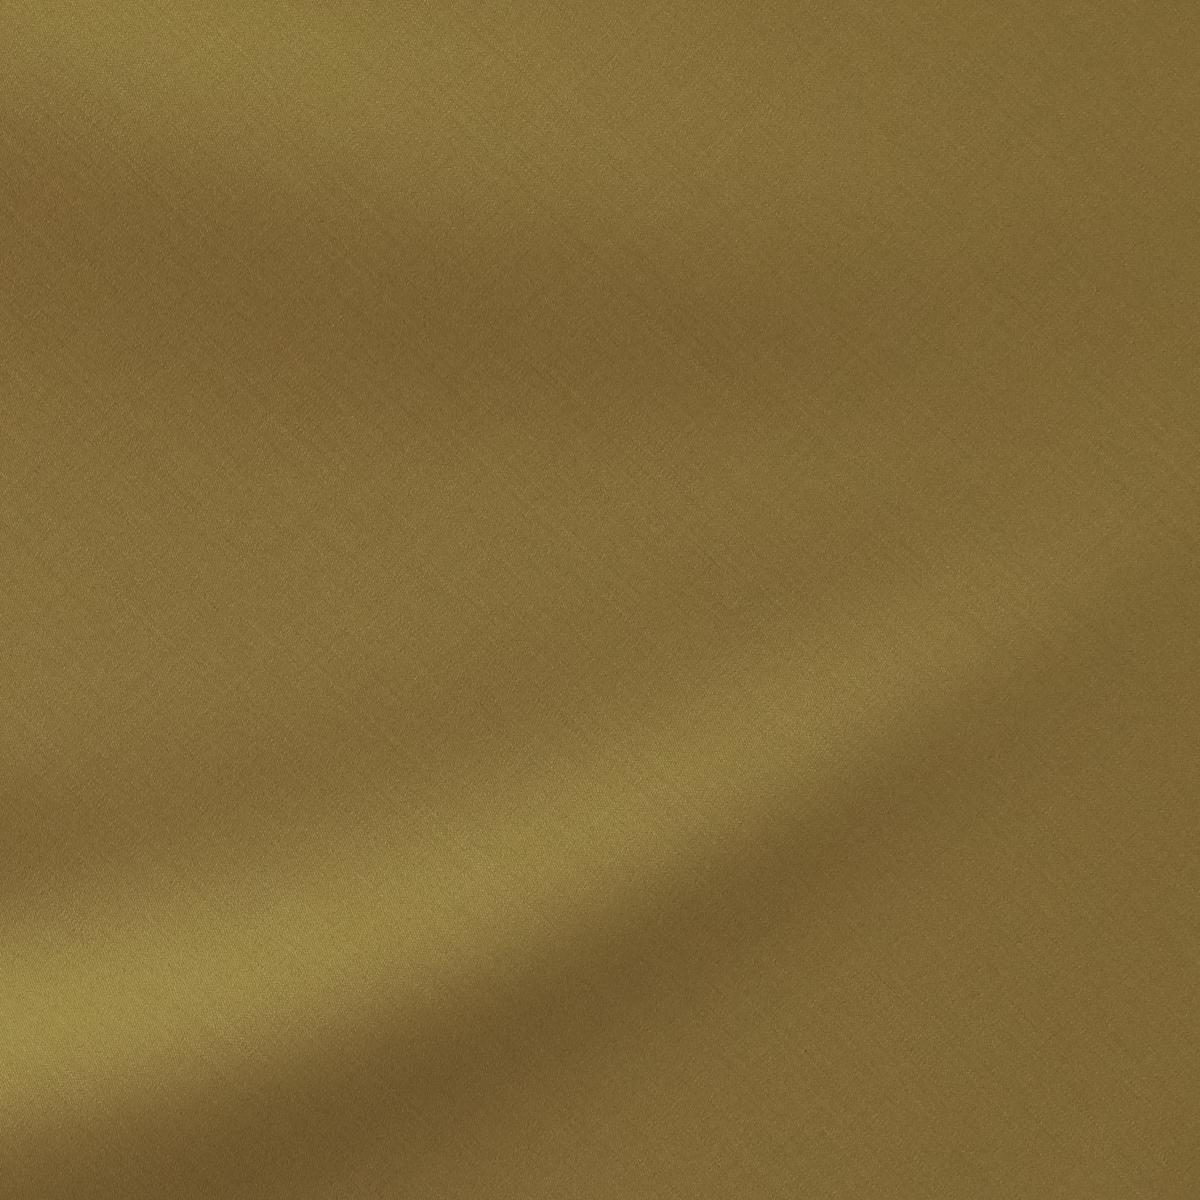 Шерстяной костюмный сатин с лайкрой